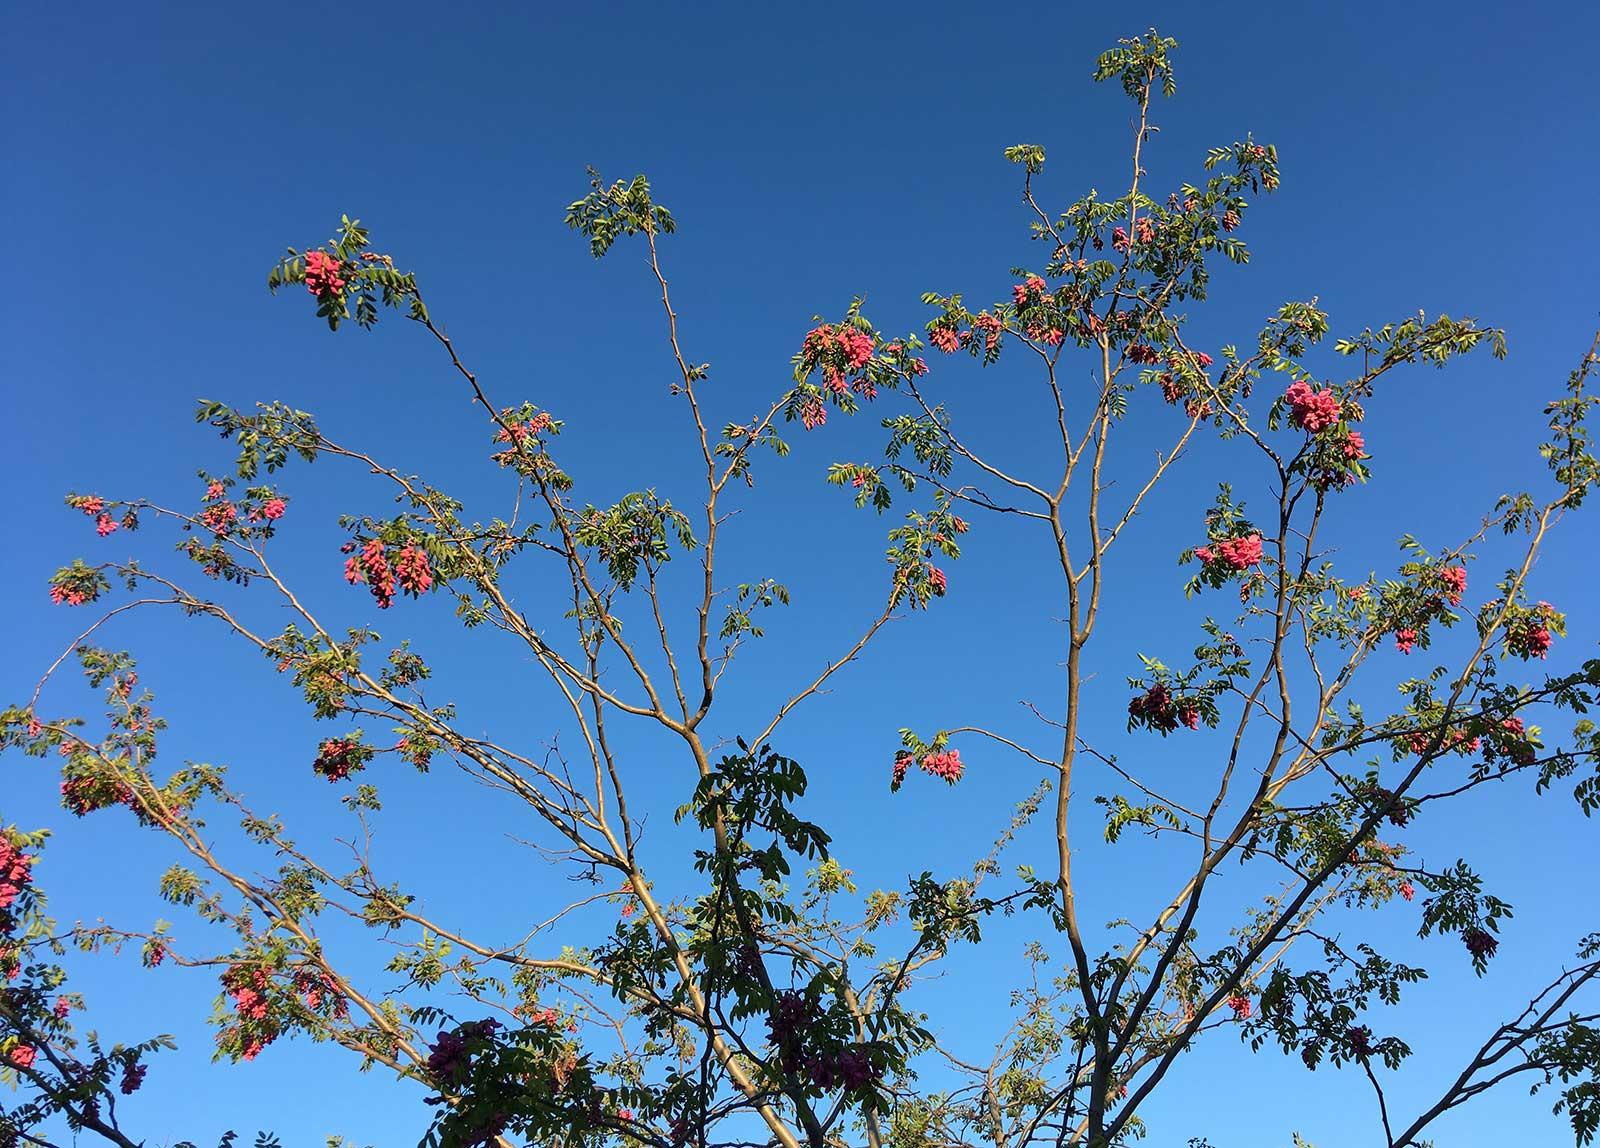 Copa de una acacia, en abril, al atardecer, Yecla